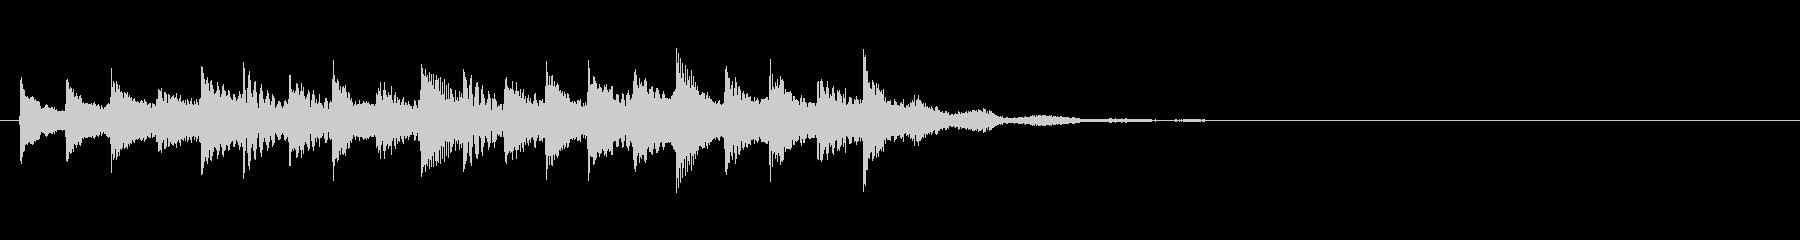 トロピカル風場面転換音orサウンドロゴ の未再生の波形